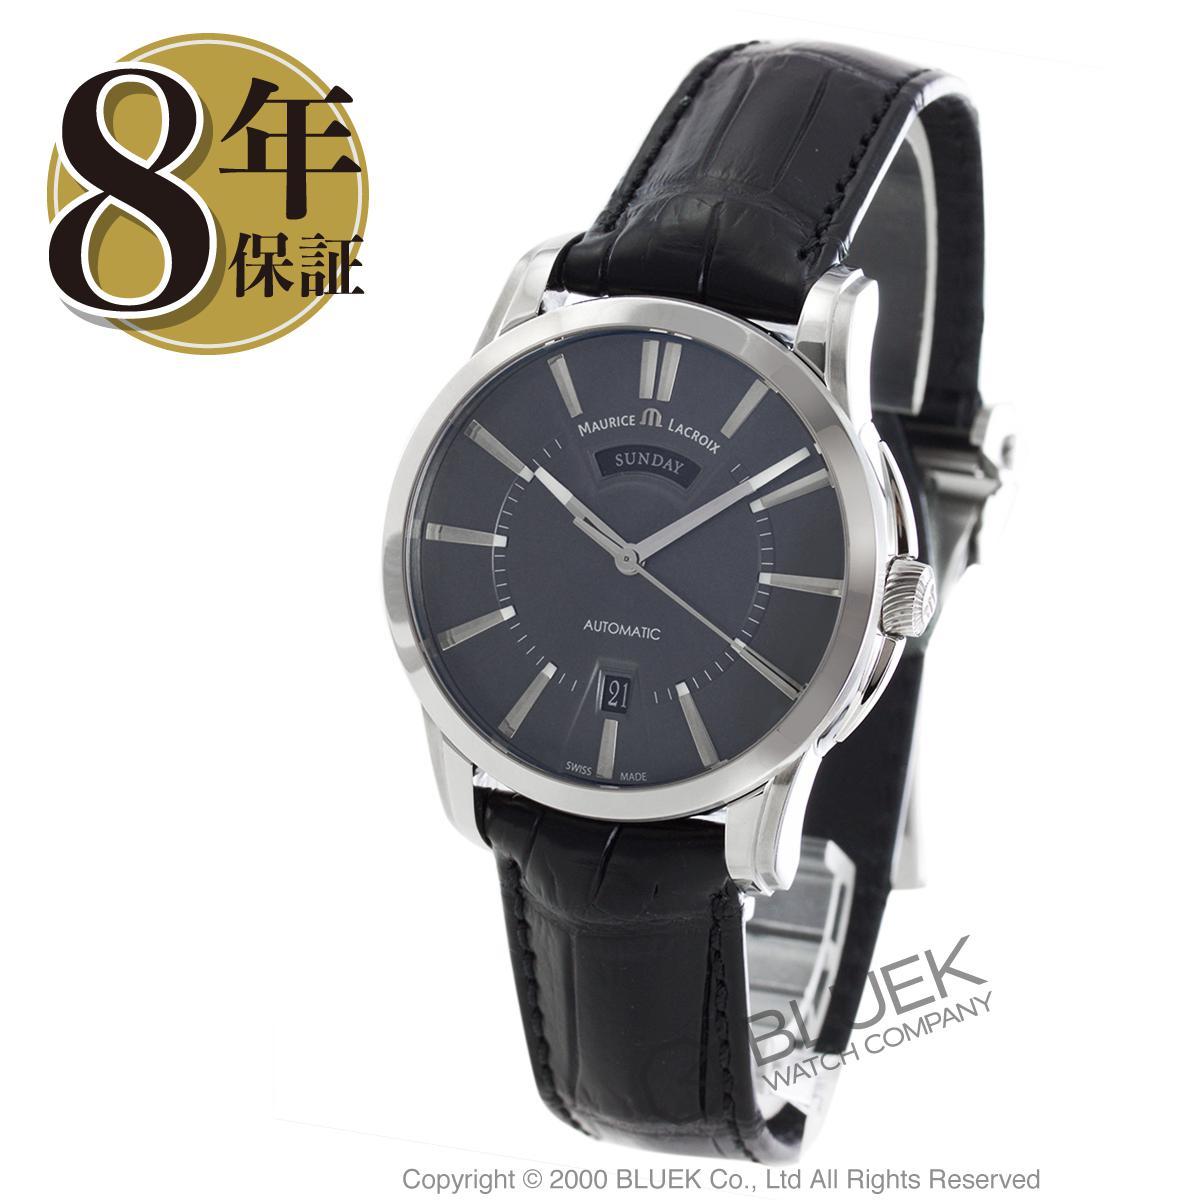 モーリス・ラクロア ポントス デイデイト アリゲーターレザー 腕時計 メンズ MAURICE LACROIX PT6158-SS001-23E_8